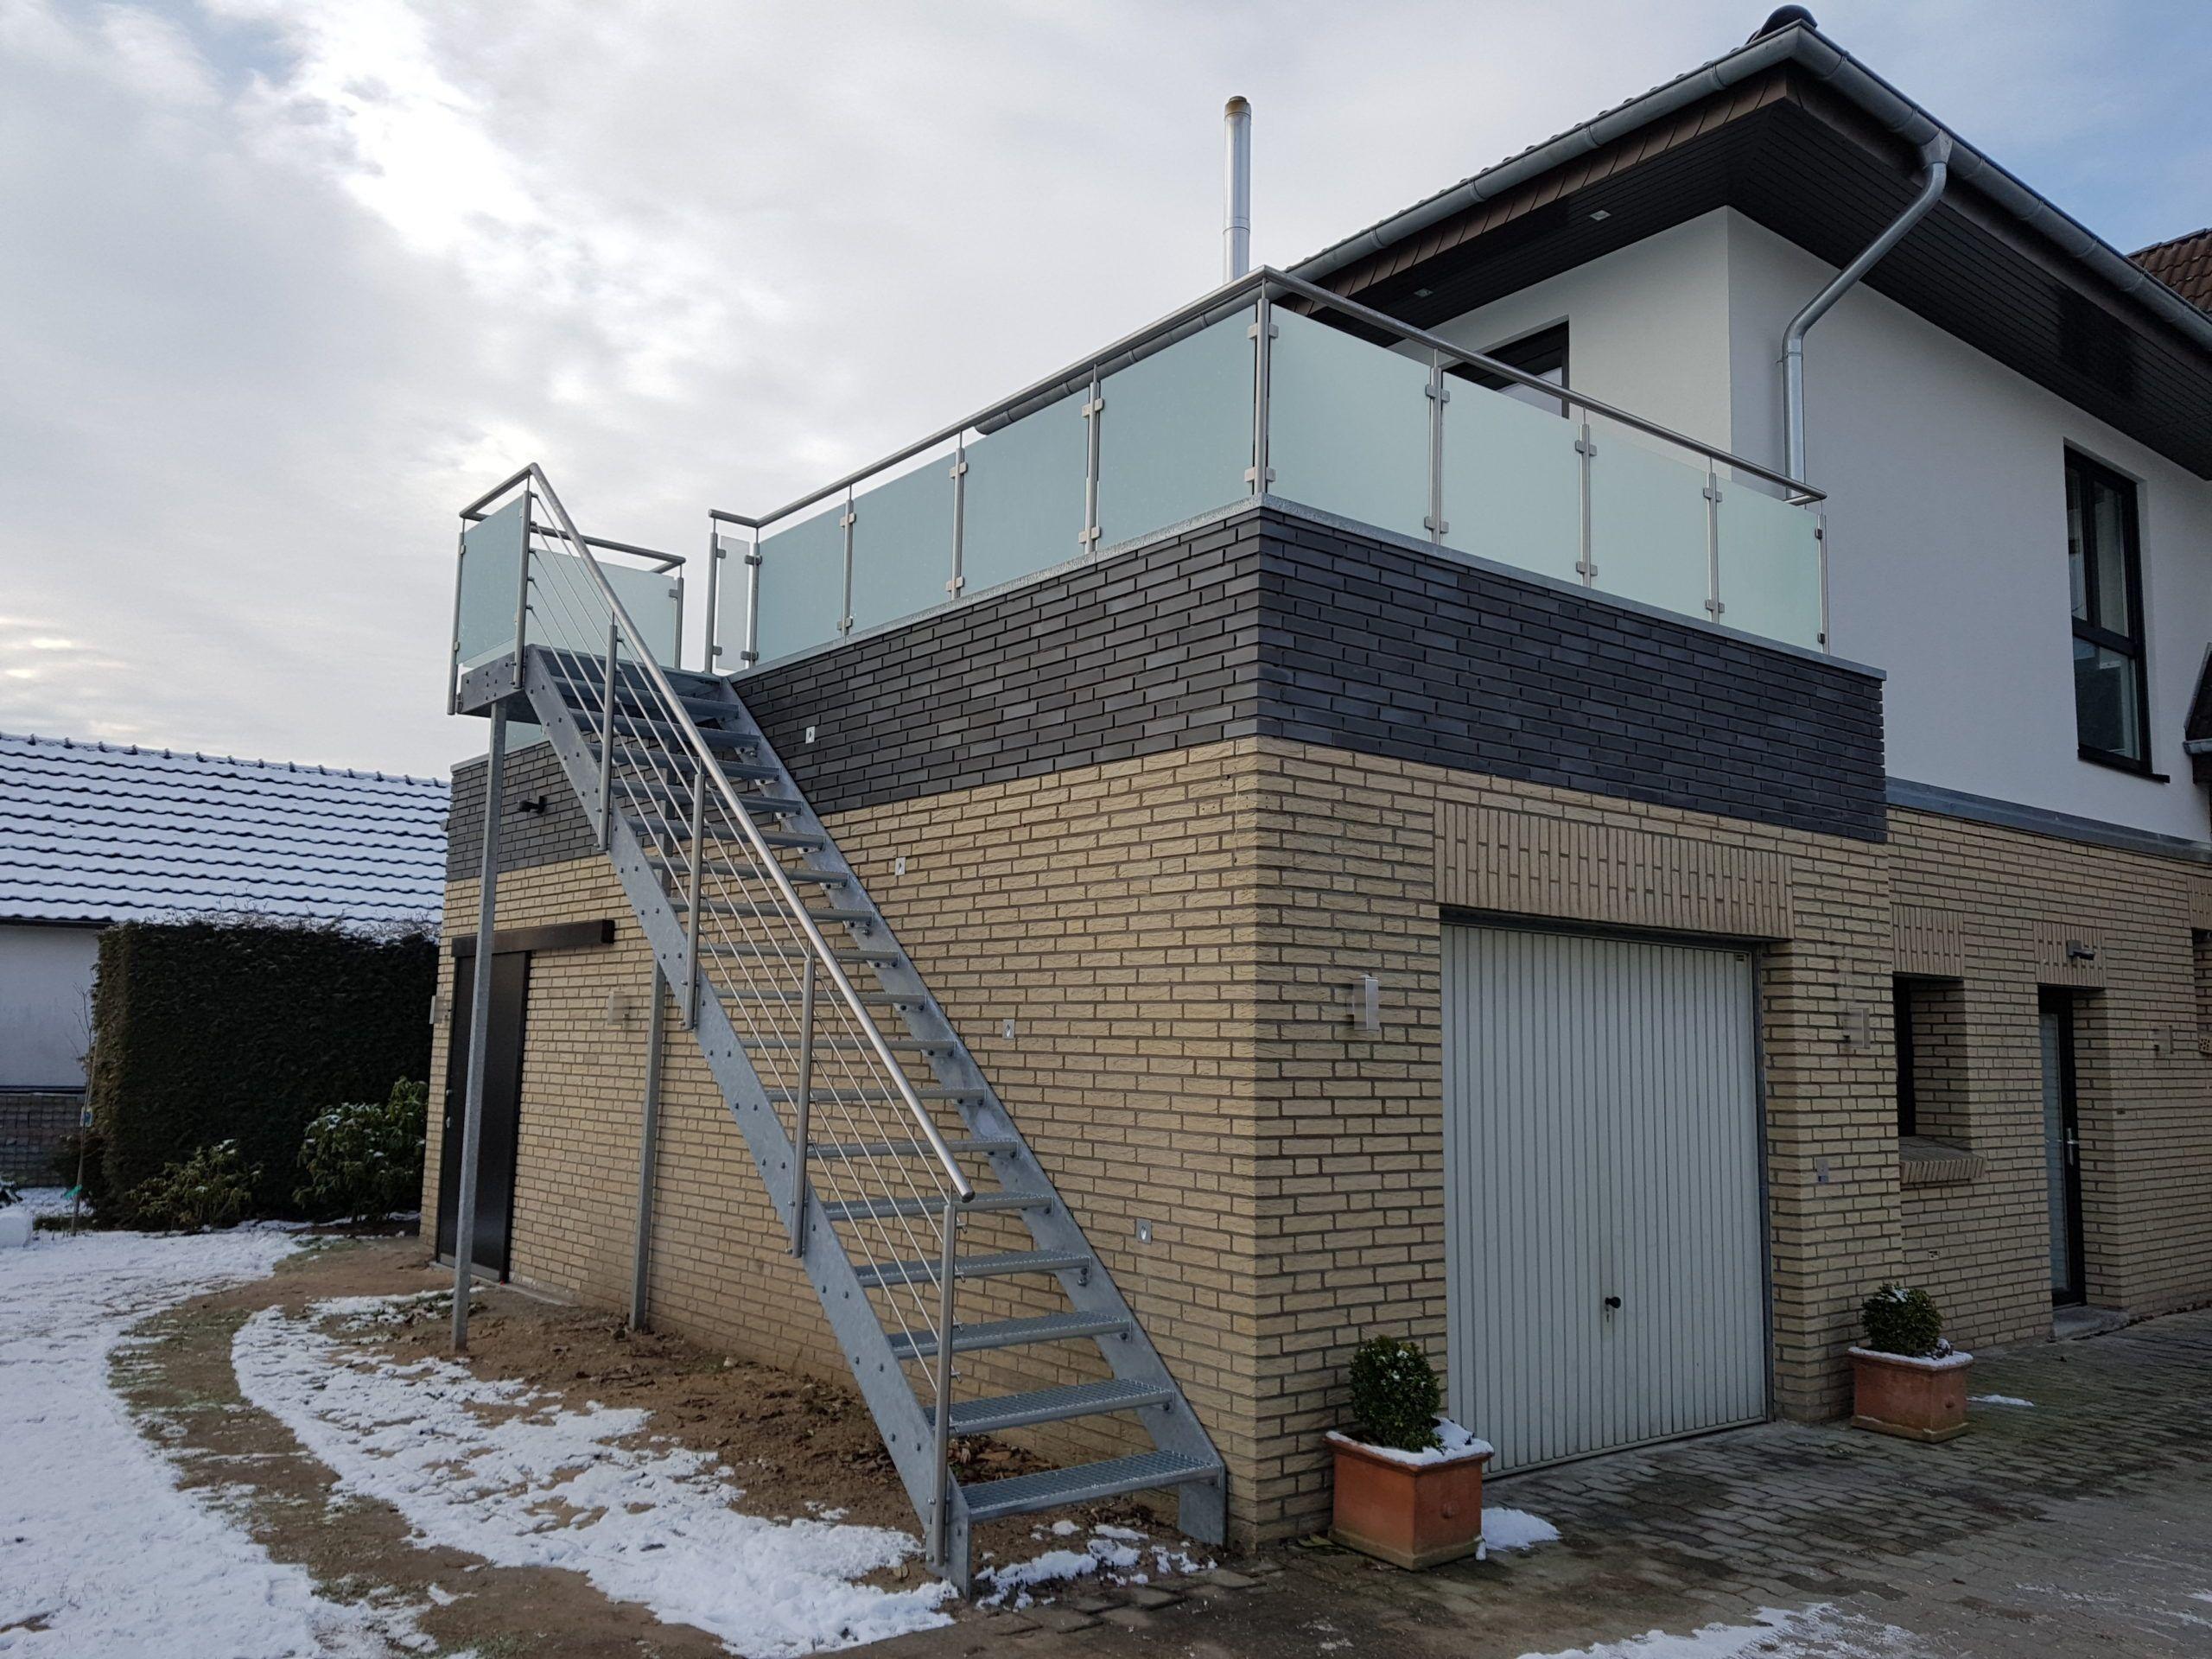 Außentreppe mit Flachstahlwangen in verzinkt, mit Treppengeländer in Edelstahl mit mitlaufenden Stäben